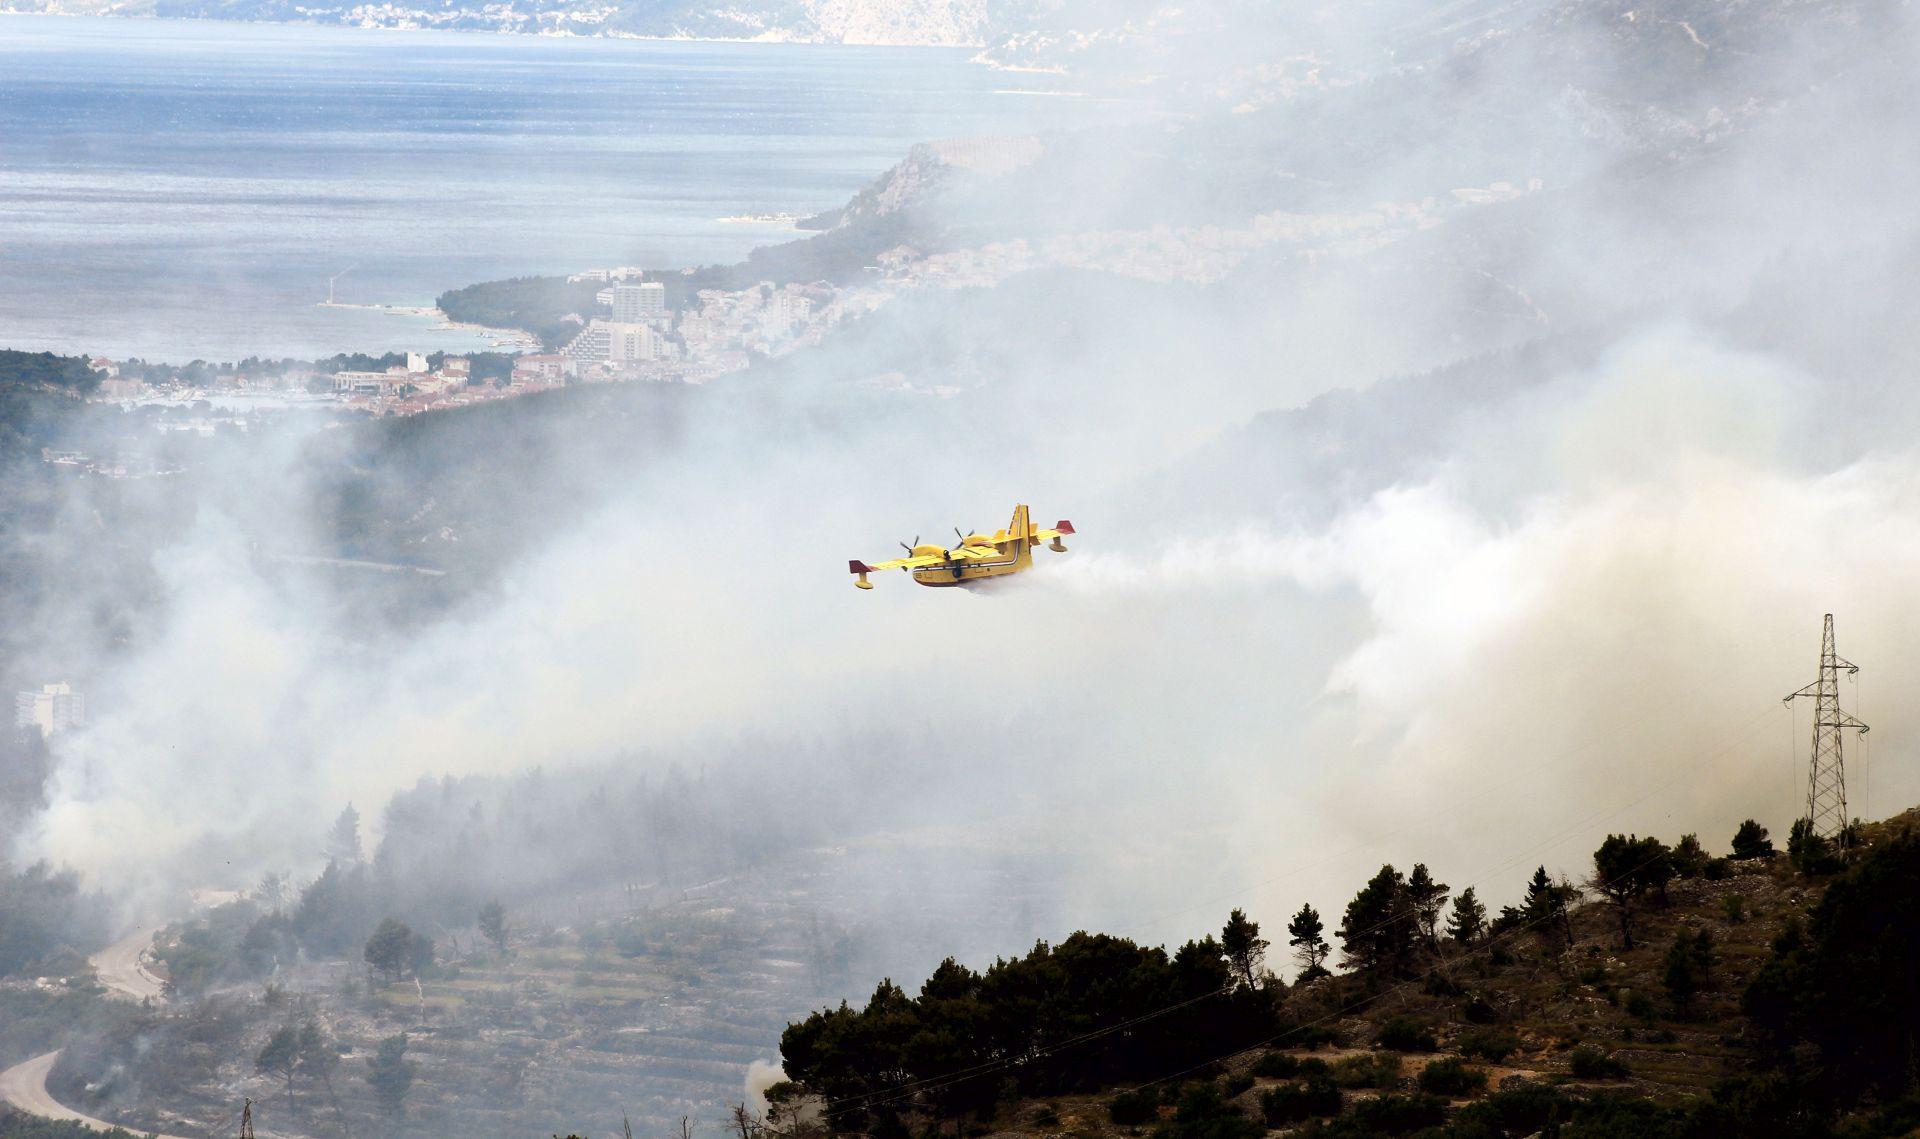 Lokaliziran požar na Korčuli, izgorjelo 10 hektara borove šume